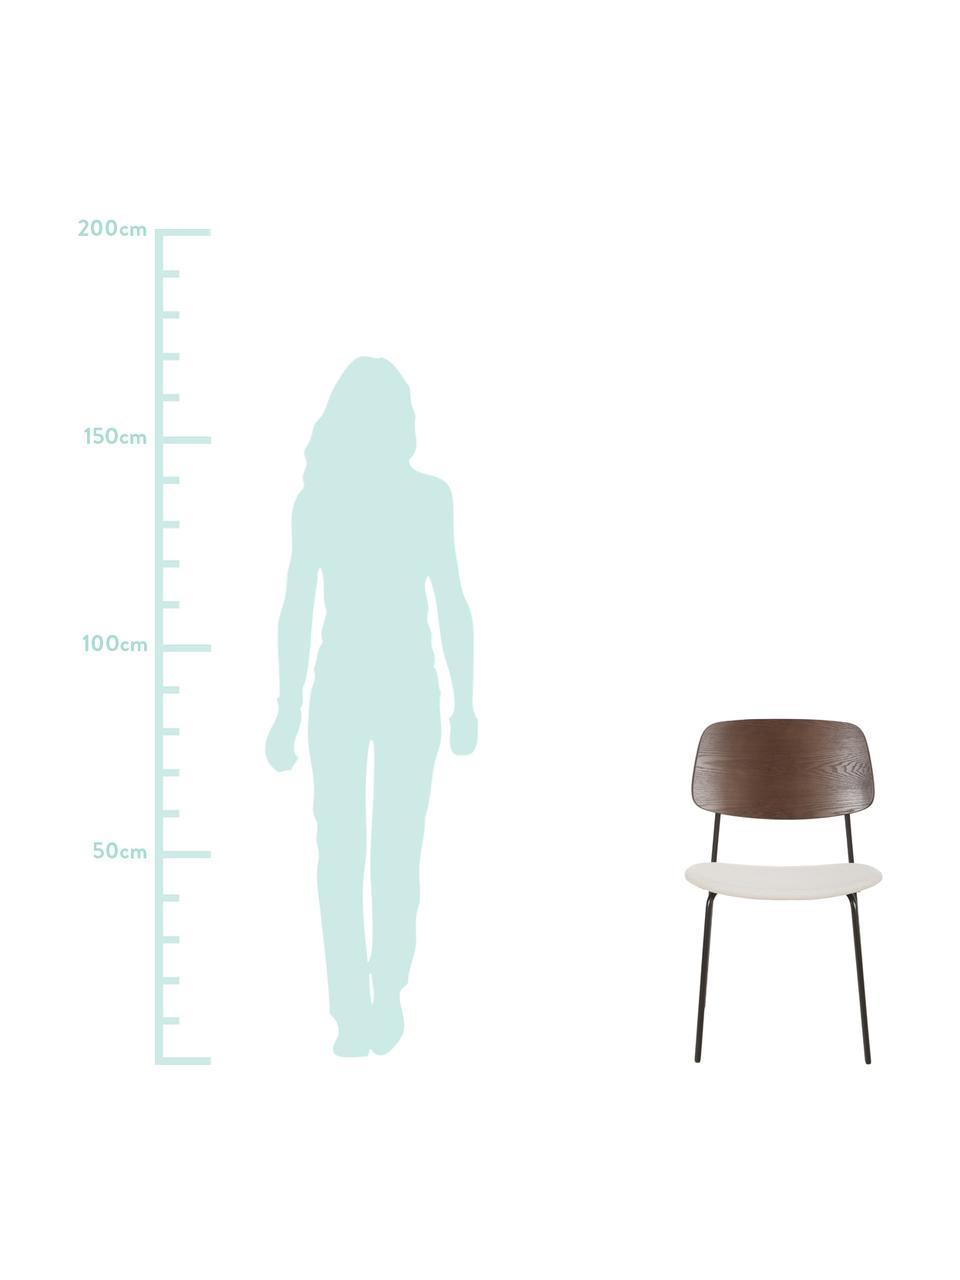 Holzstühle Nadja mit gepolsteter Sitzfläche, 2 Stück, Bezug: Polyester Der strapazierf, Rückenlehne: Sperrholz mit Eschenholzf, Beine: Metall, pulverbeschichtet, Cremeweiß, B 51 x T 52 cm